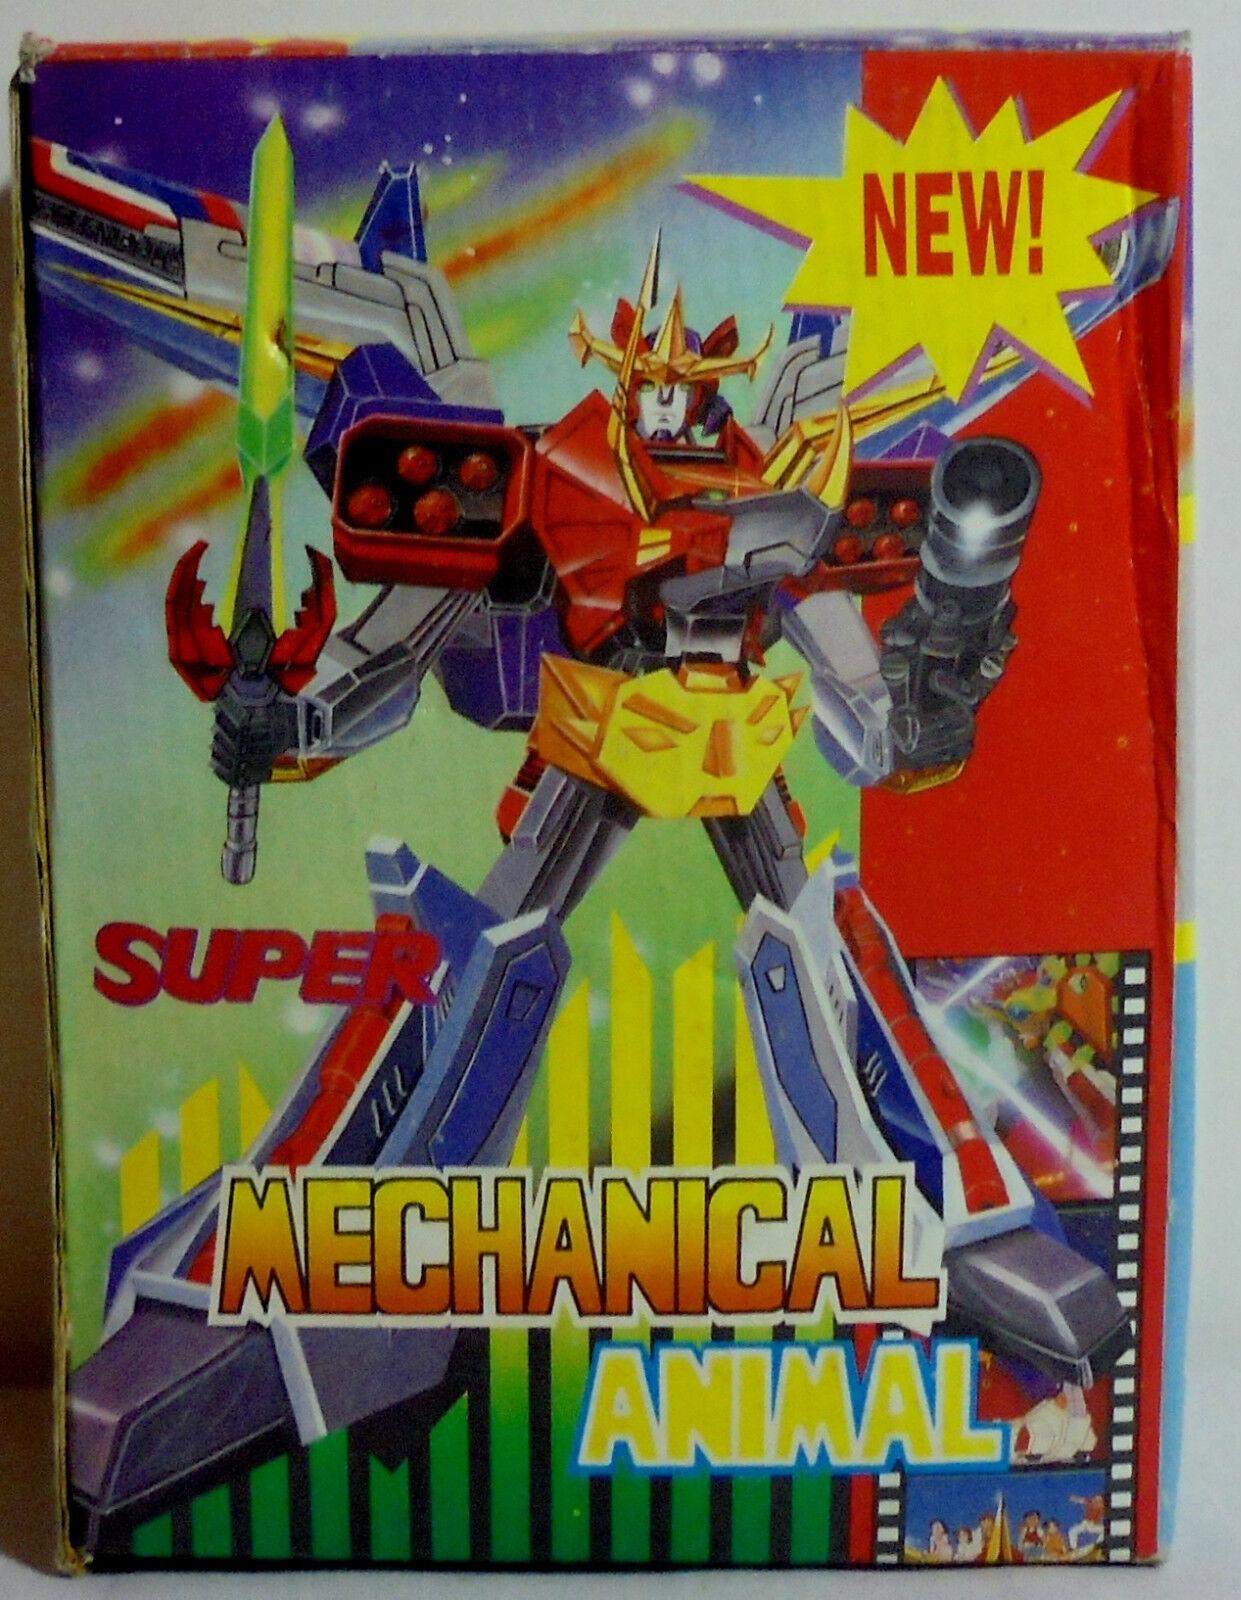 JUN FENG VTG 1986 SUPER MECHANICAL ANIMAL R/C ROBOT VOLTRON DAGWON UNUSED MIP